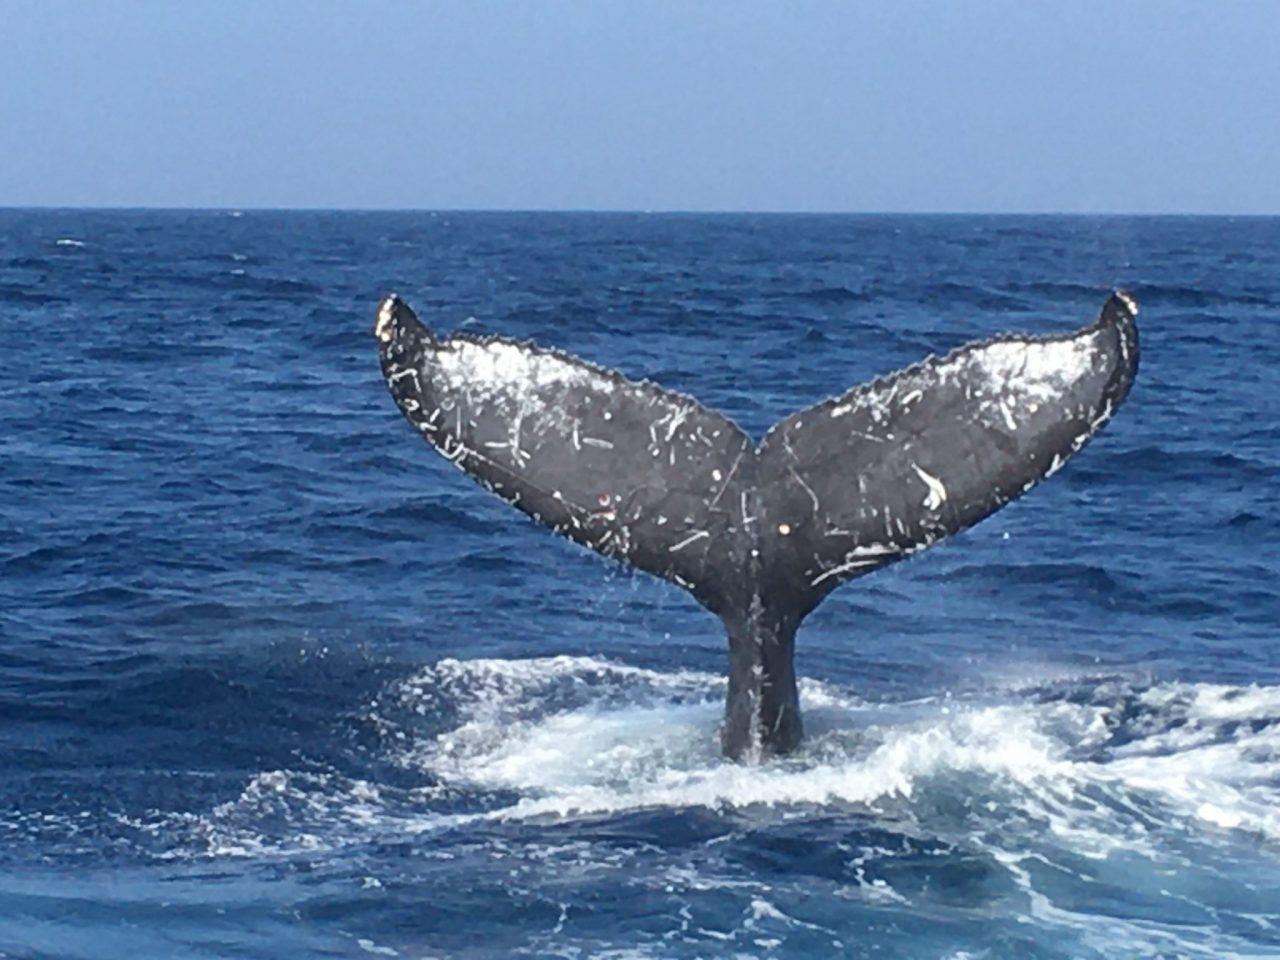 ザトウクジラの「フルークアップ」